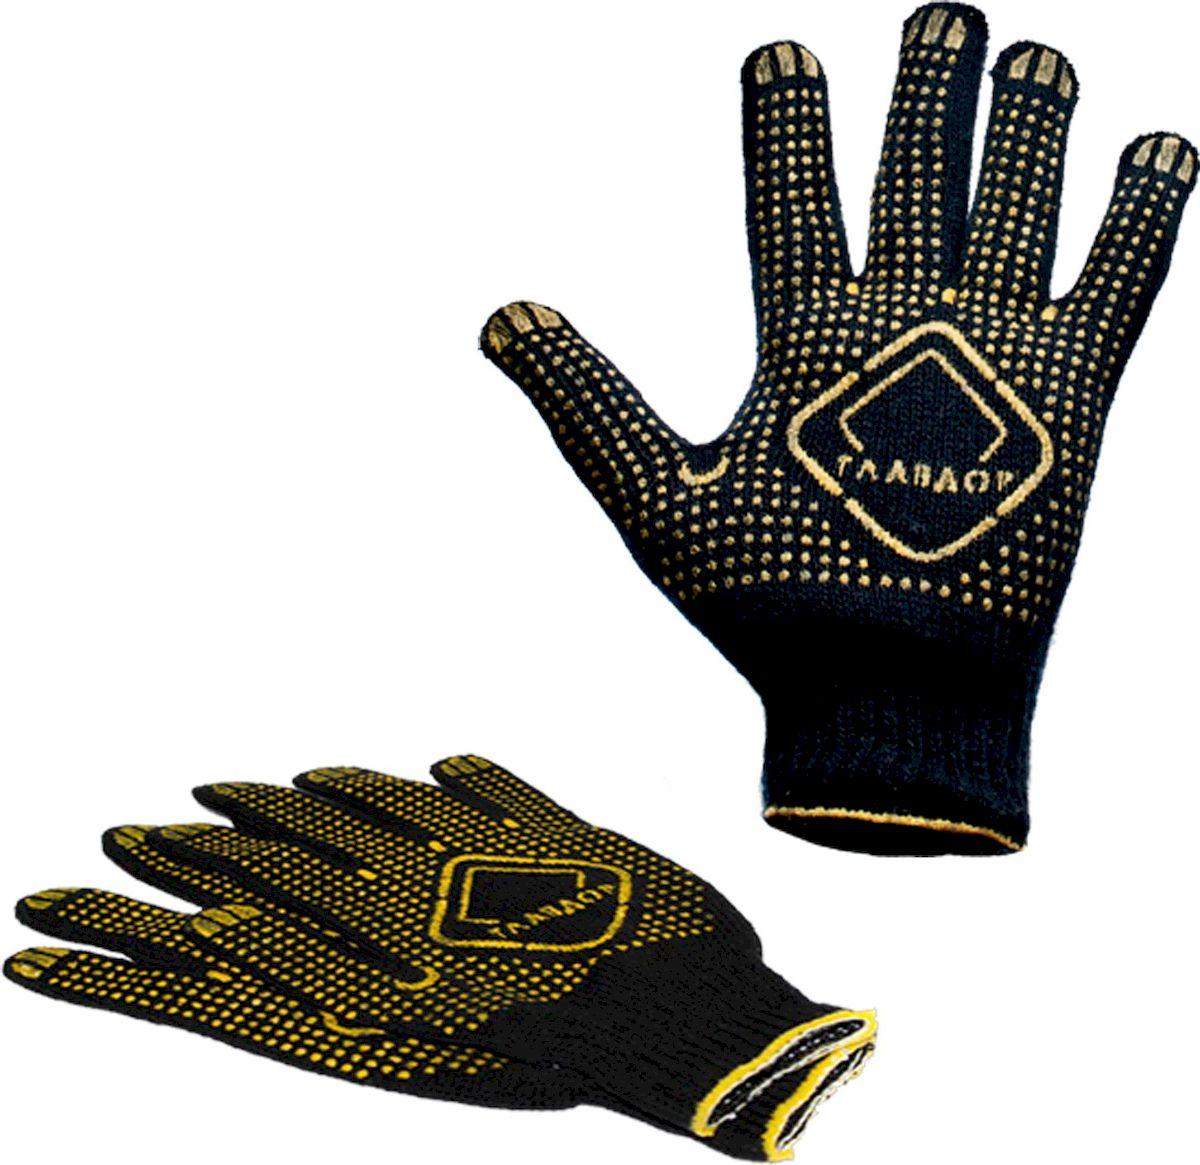 """Перчатки защитные """"Главдор"""", цвет: черный. GL-44"""